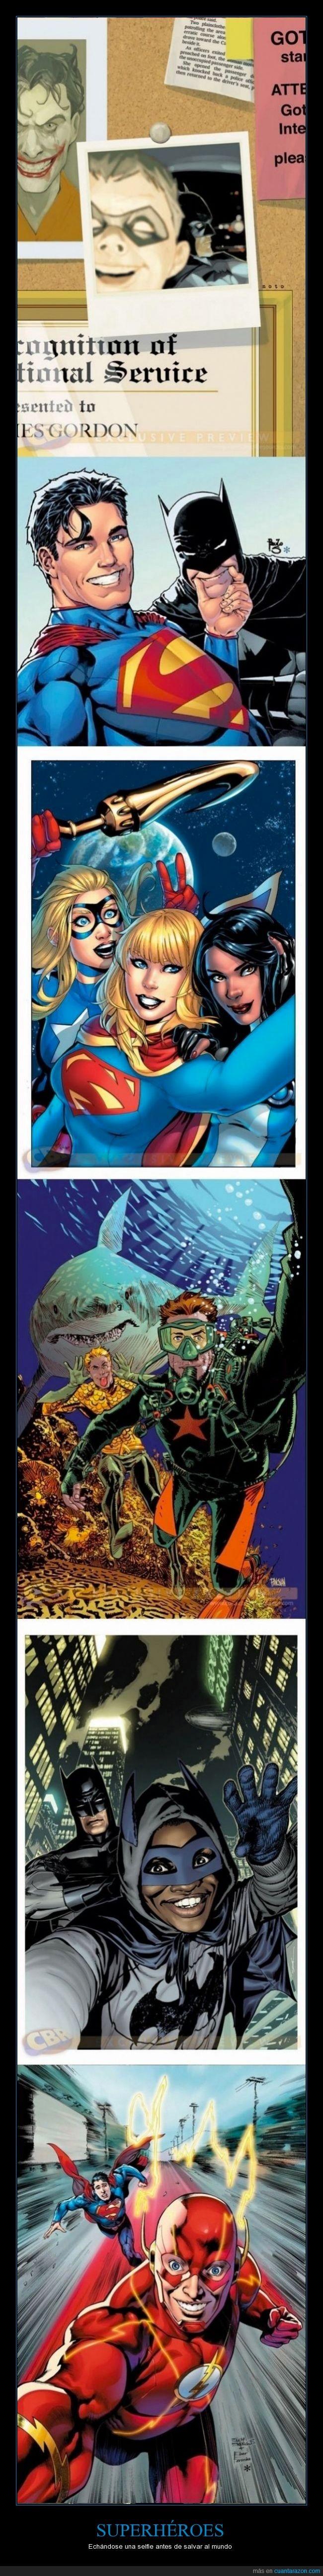 aquaman,batman,flash,supergirl,superheroes,superman